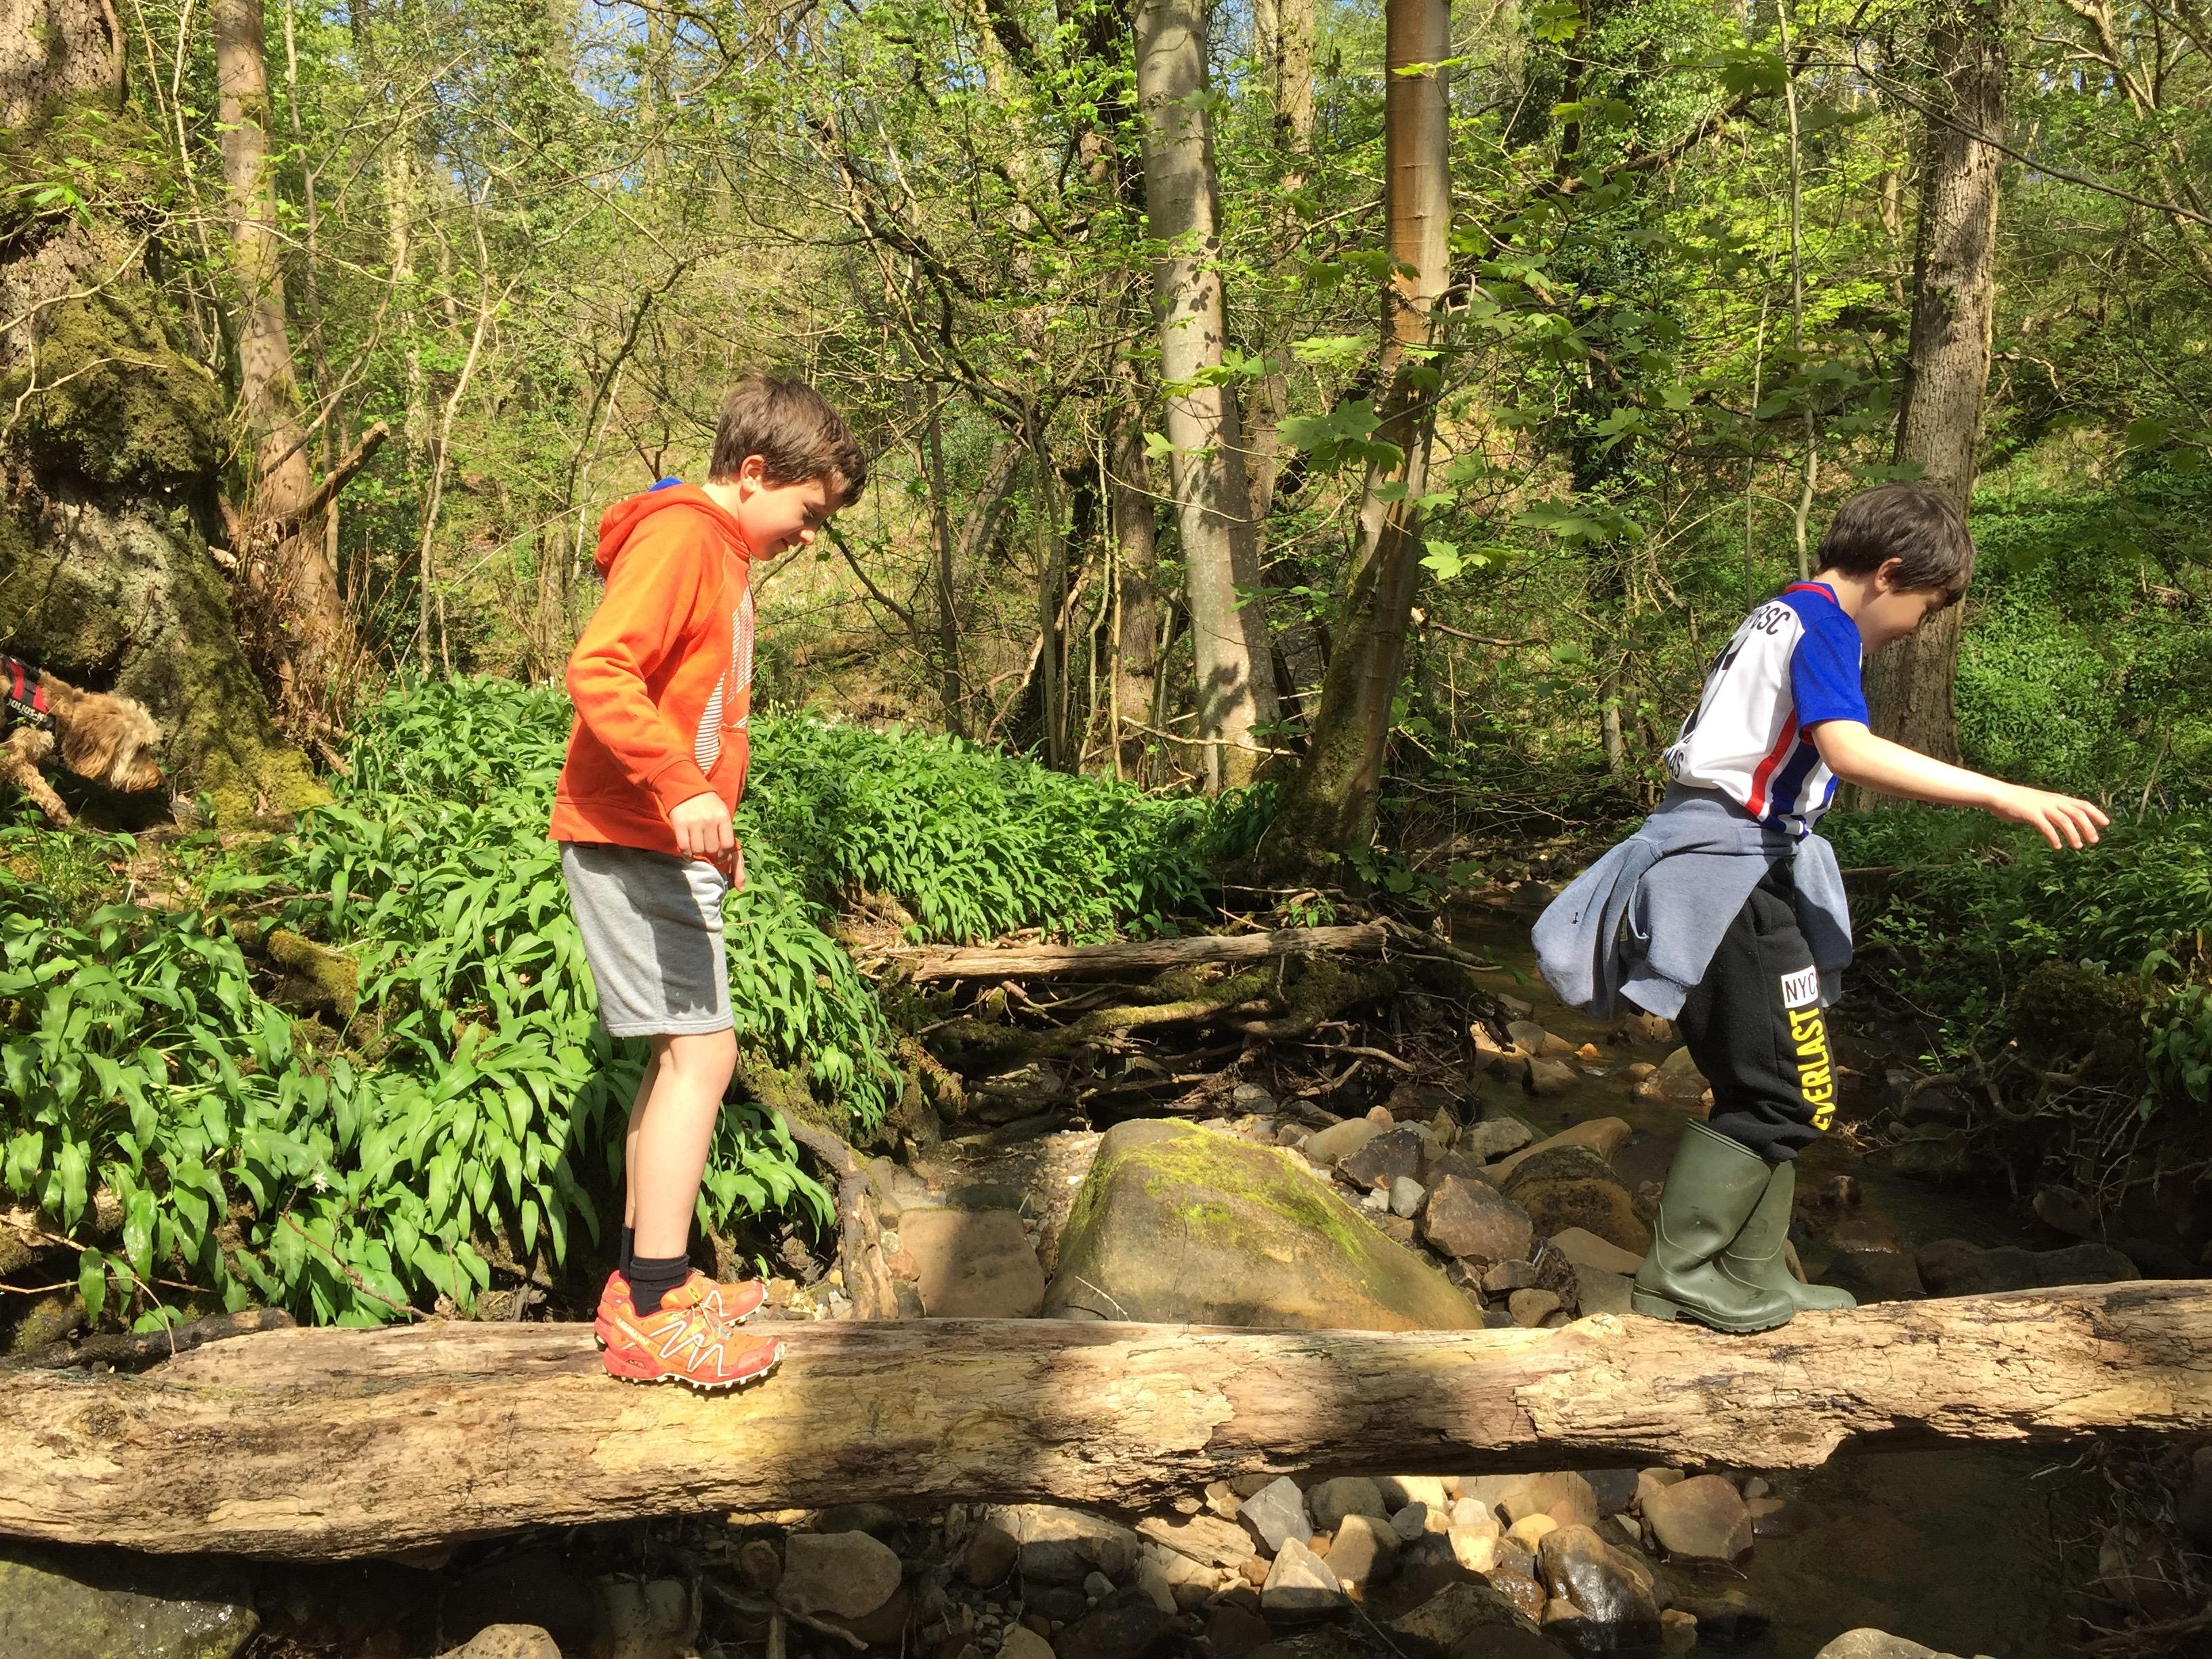 boys balancing on log